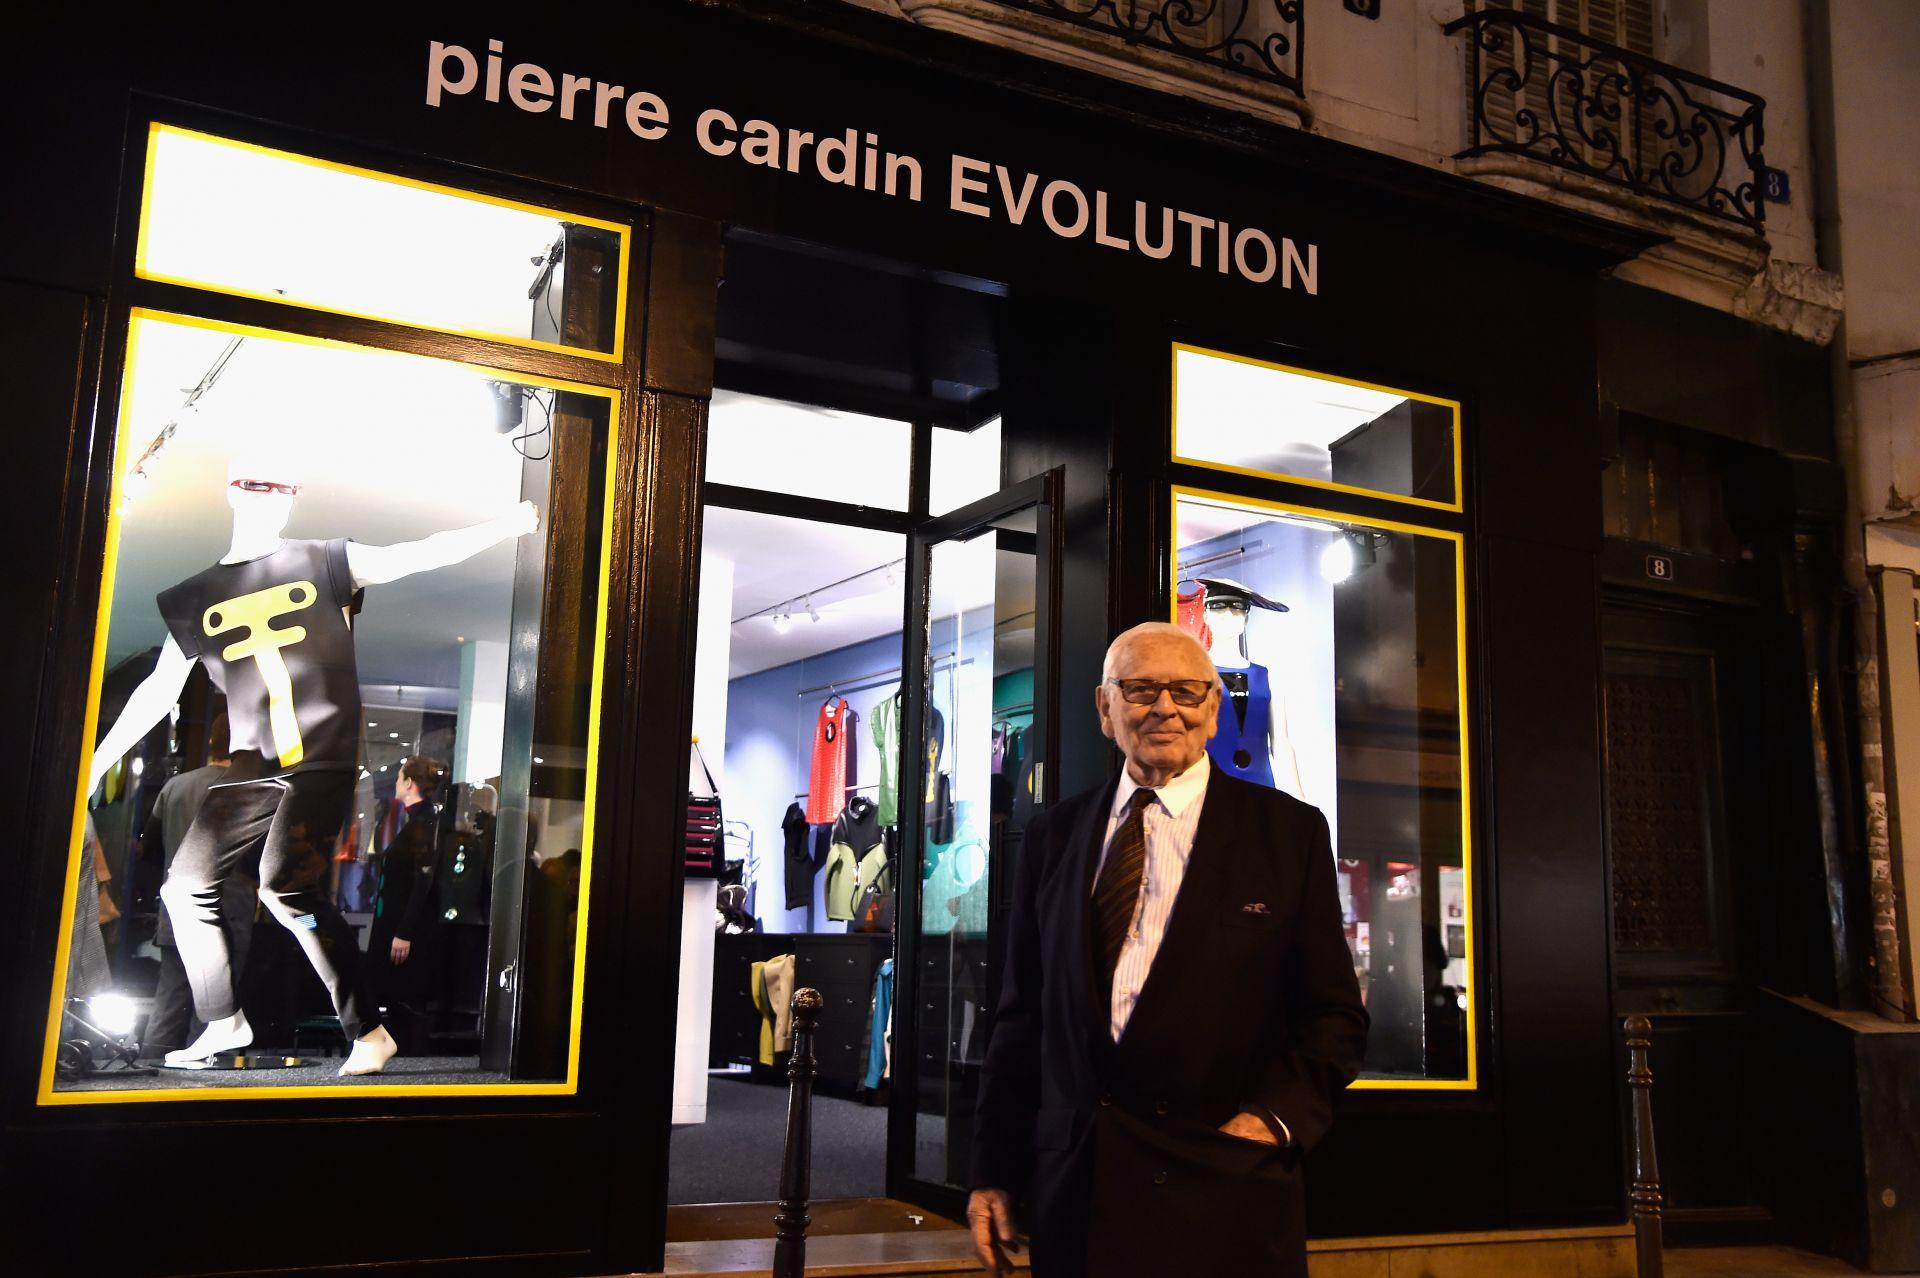 """13 ноември 2014 г. - Пиер Карден позира пред """"Pierre Cardin Evolution Boutique"""" по време на коктейла за откриването"""